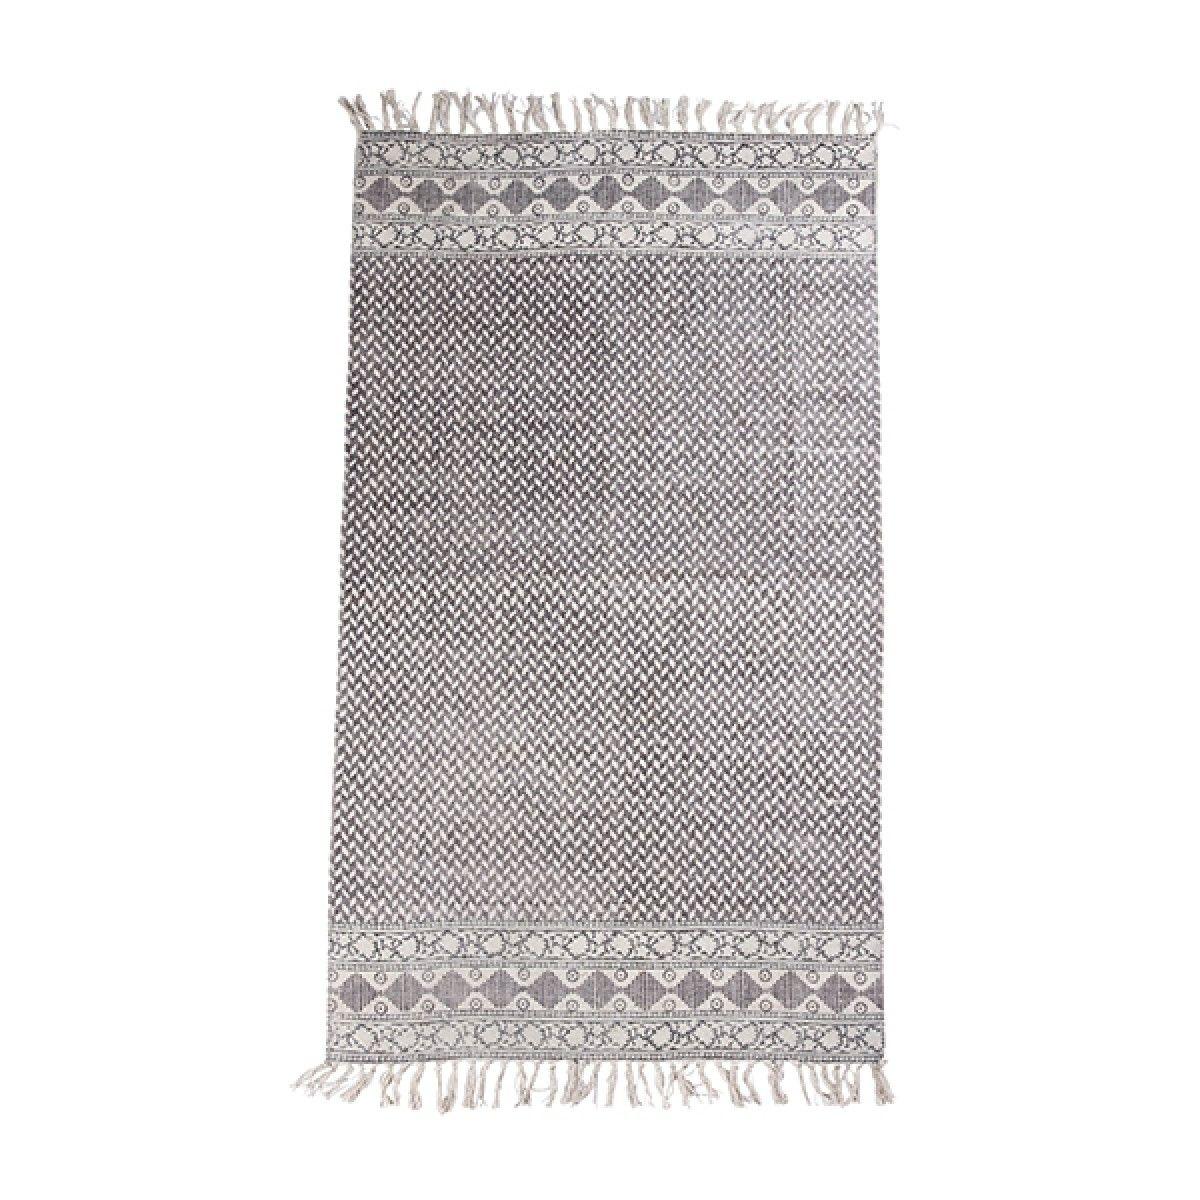 Bahne tæppe, 90x150 cm - mørk grå